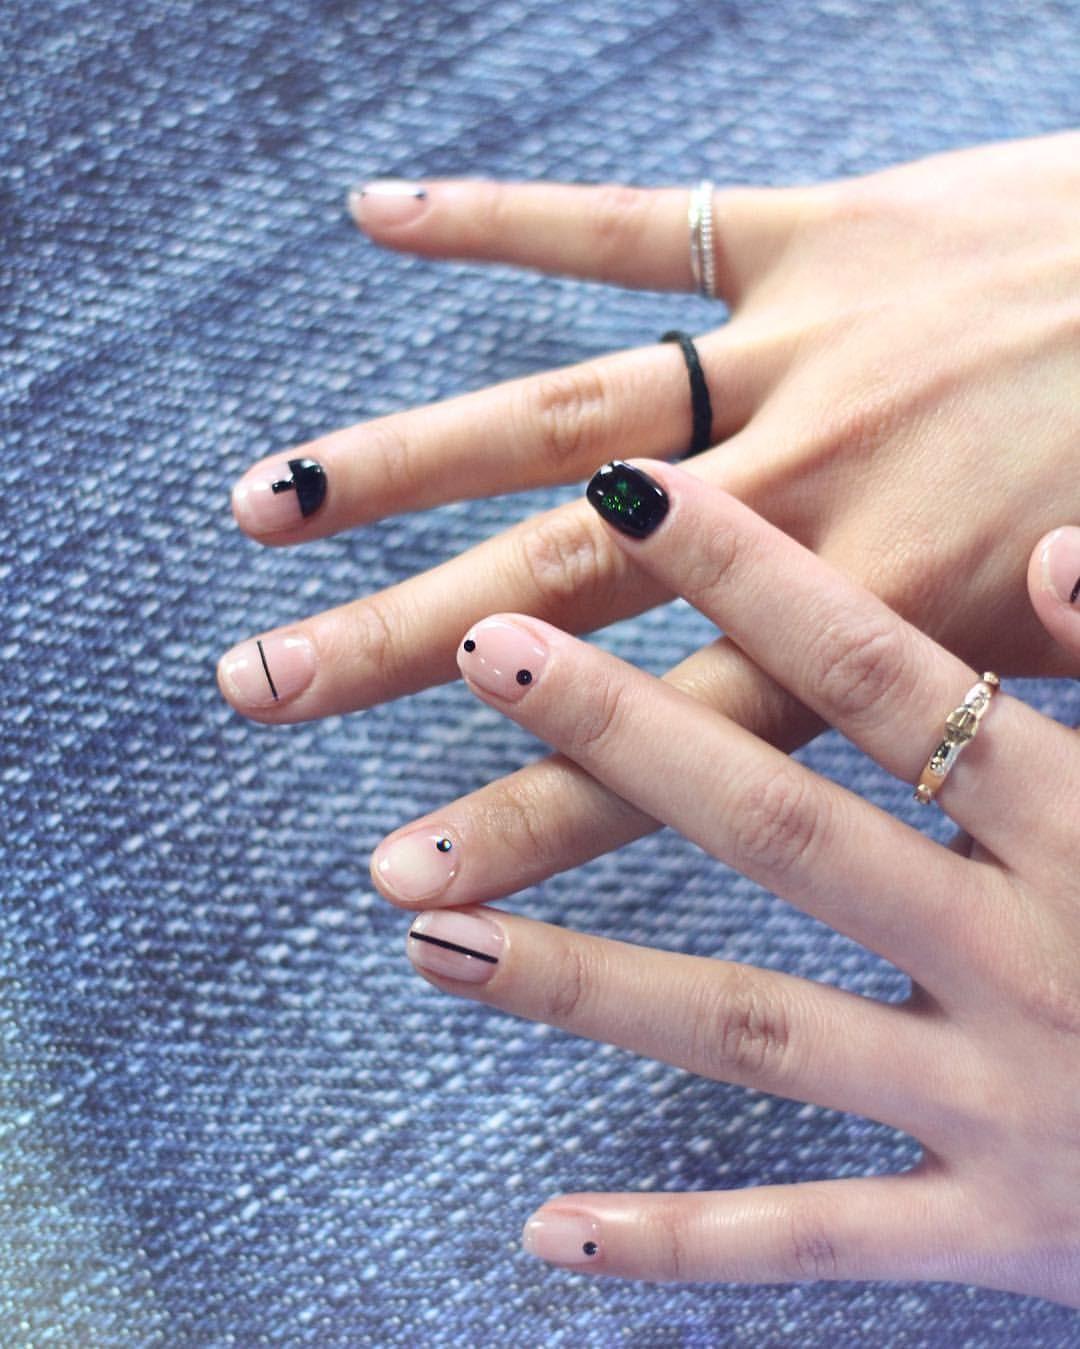 Бесцветный маникюр с геометрическими фигурами и чёрный с металлическим блеском ноготок